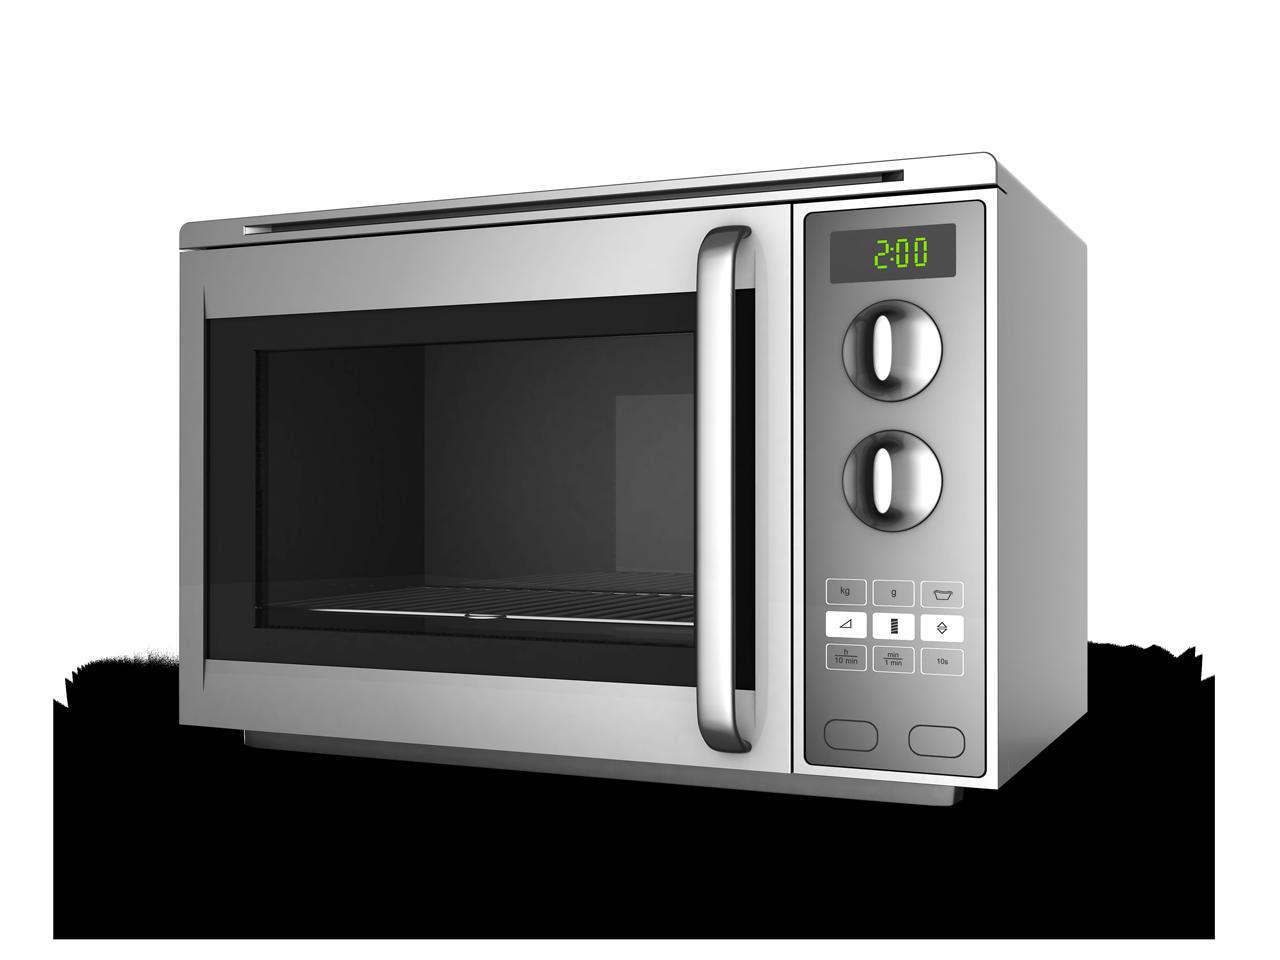 Stainless steel GE microwave